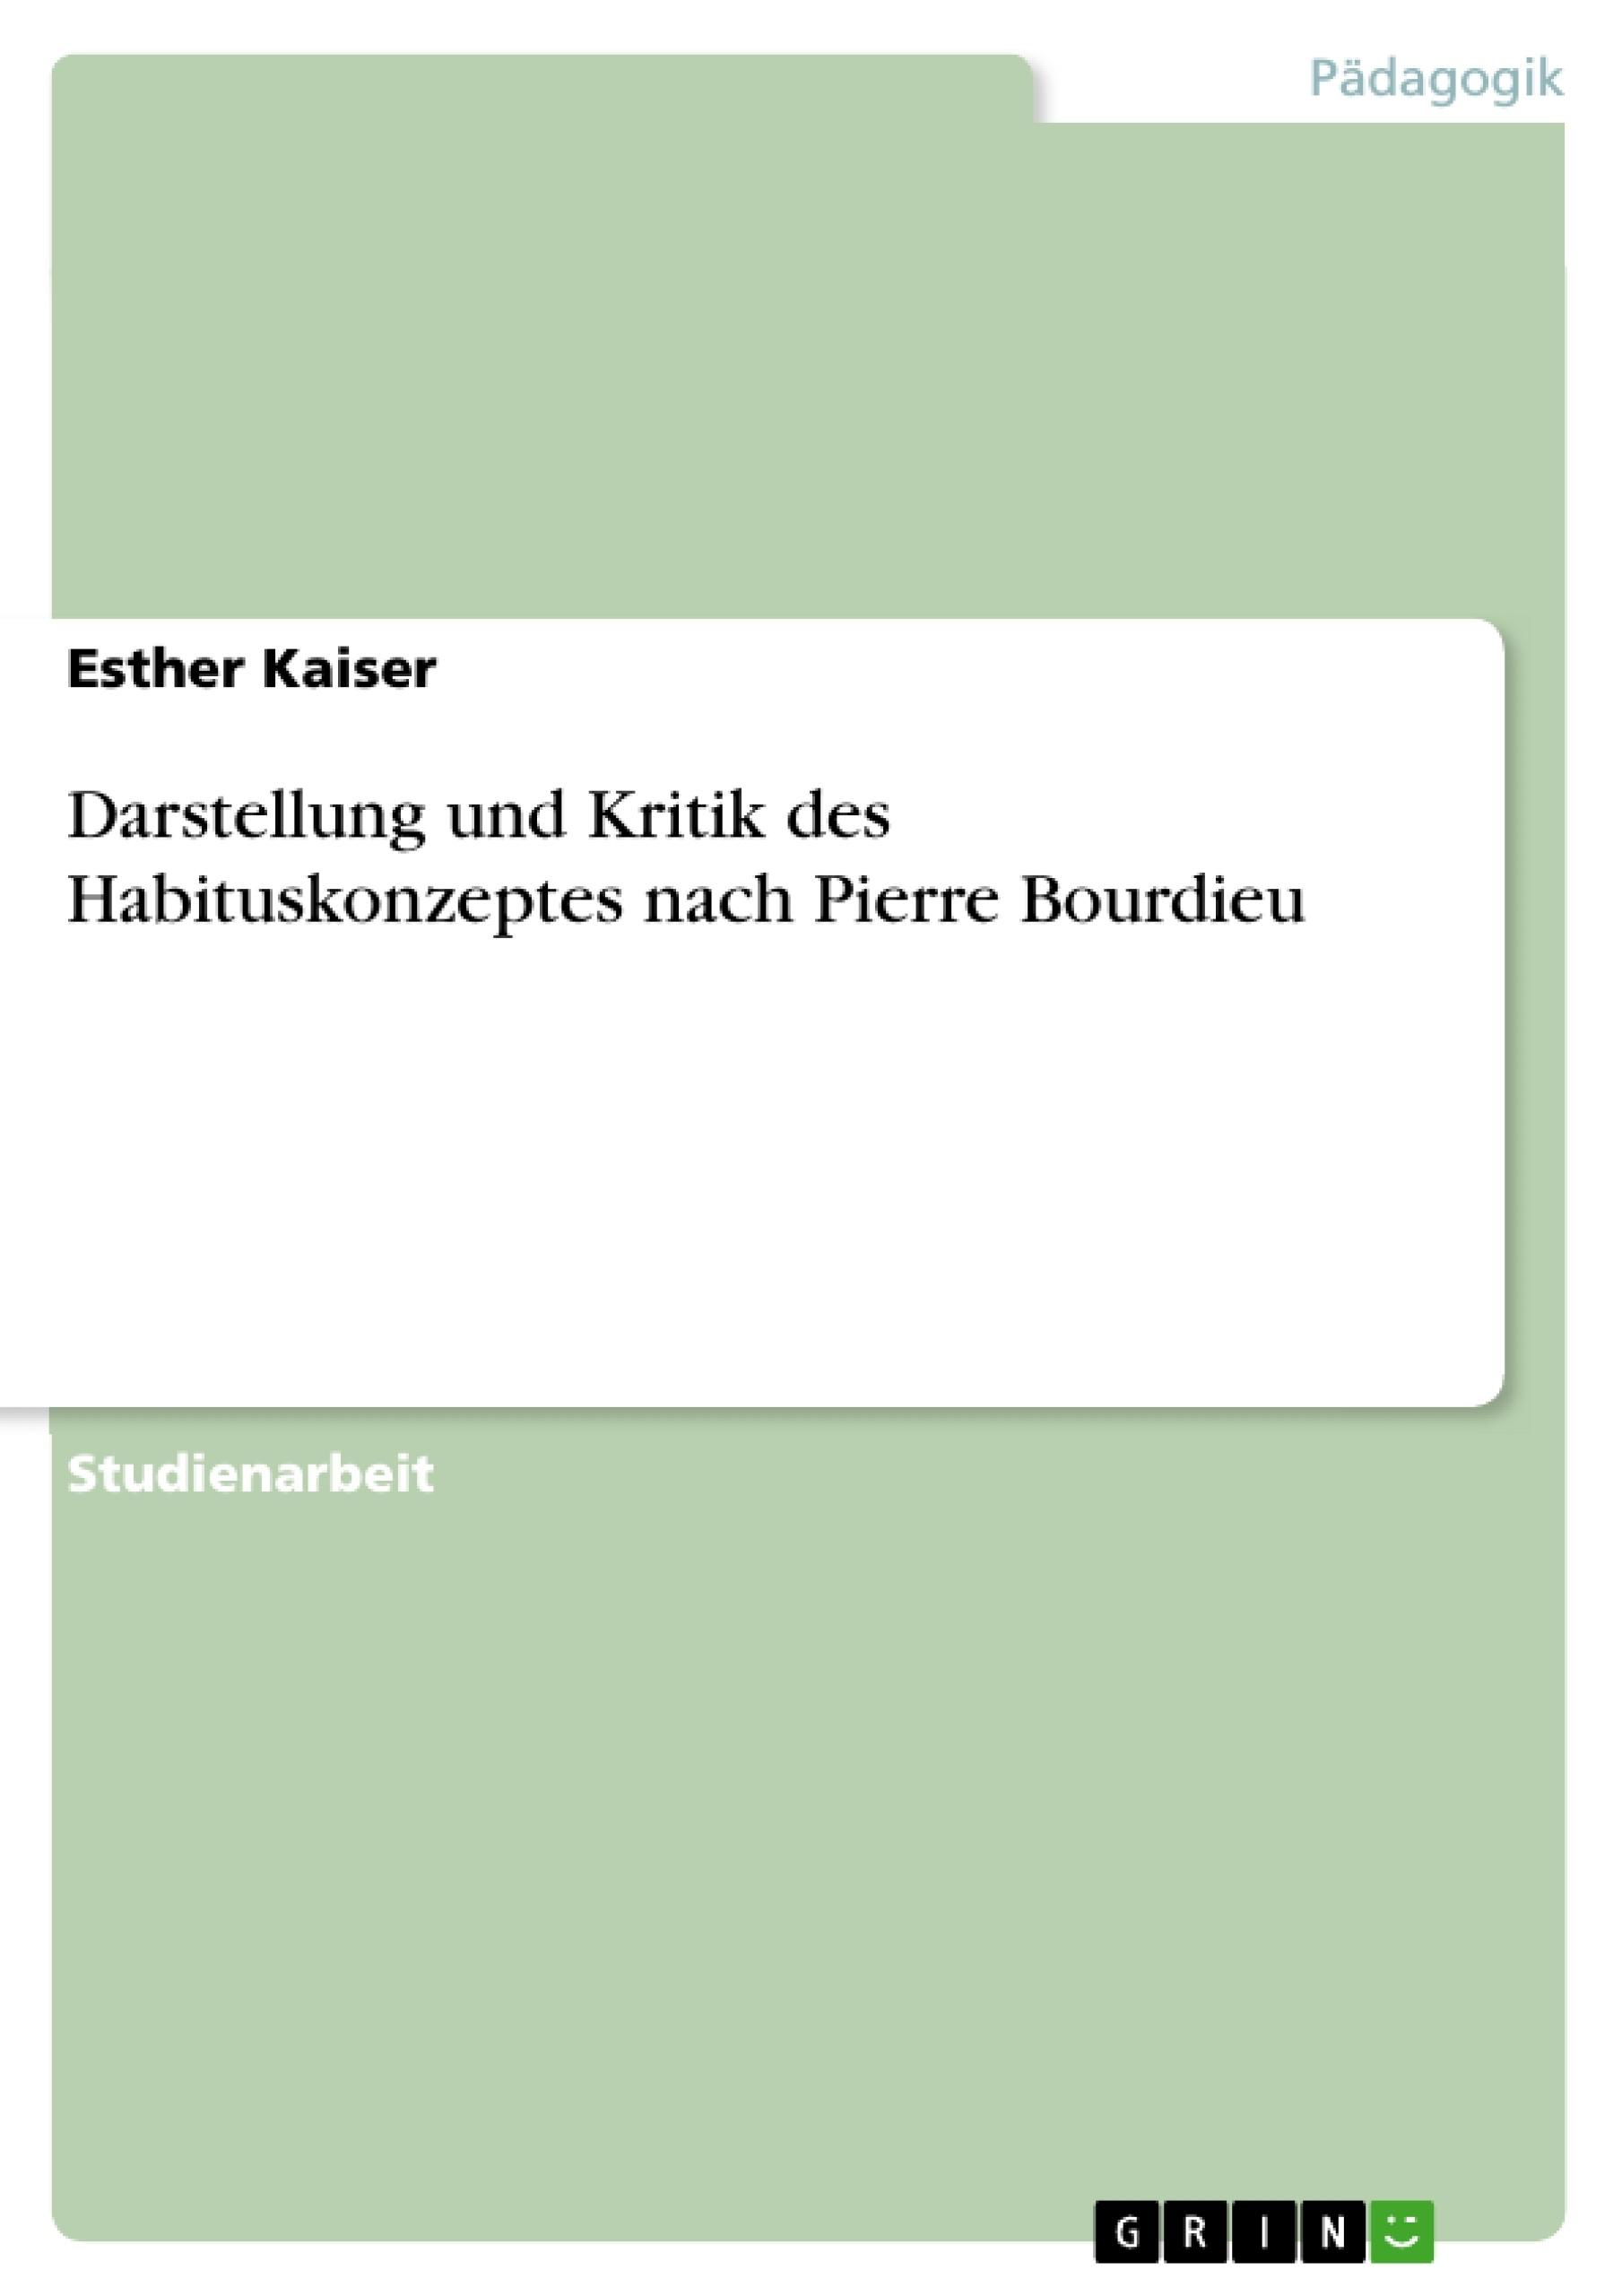 Titel: Darstellung und Kritik des Habituskonzeptes nach Pierre Bourdieu